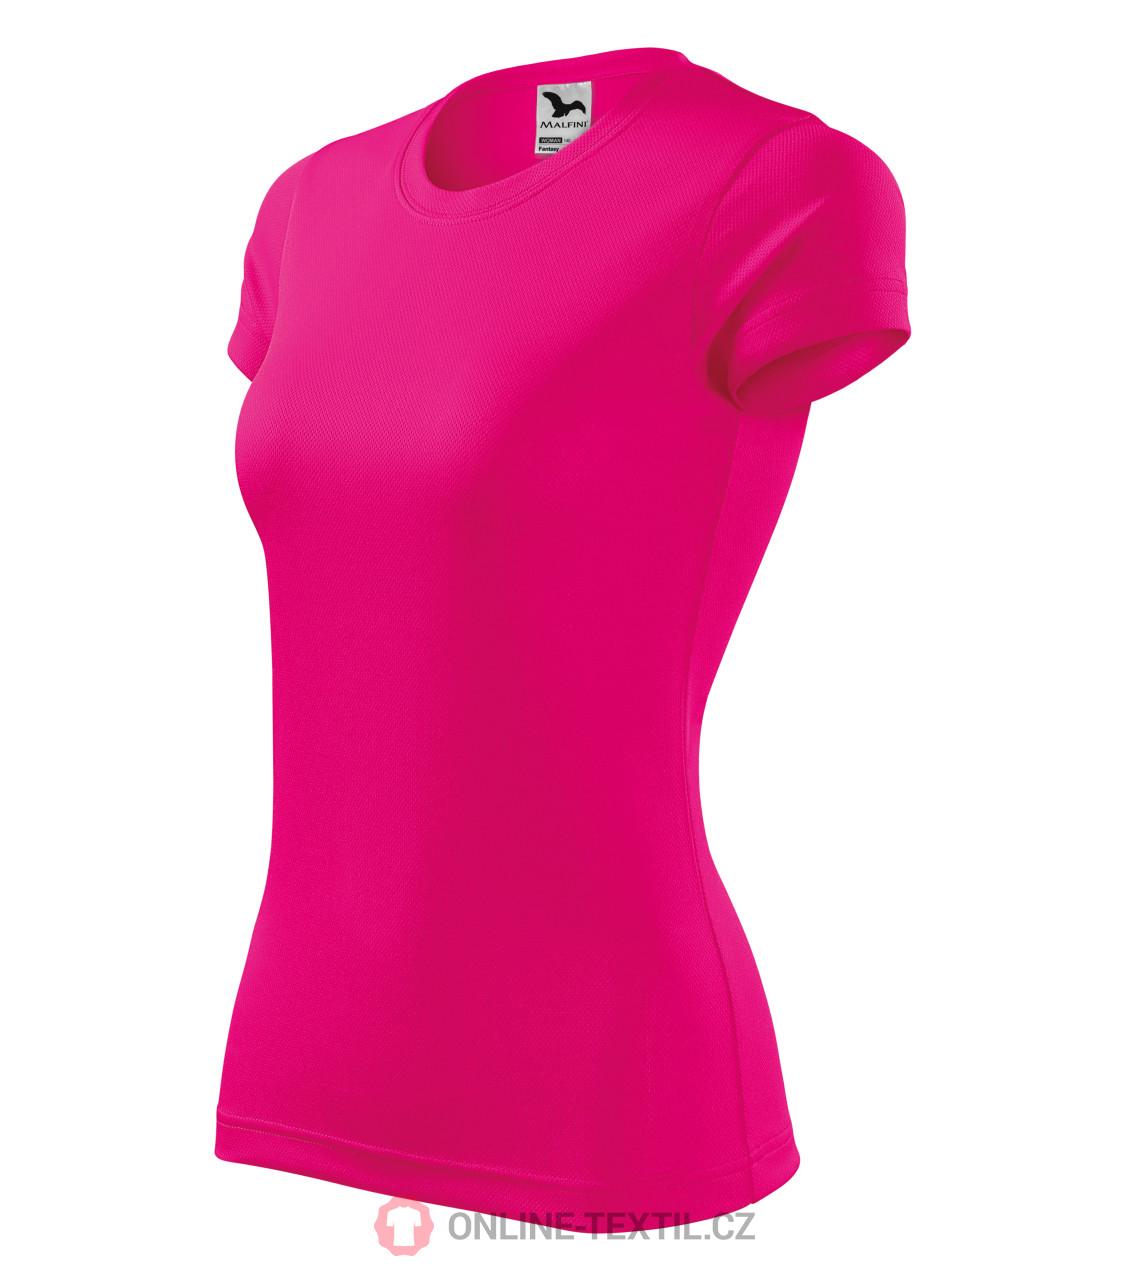 b7dc1d1451e3f ADLER CZECH Dámske športové tričko Fantasy 140 - neon ružová z ...